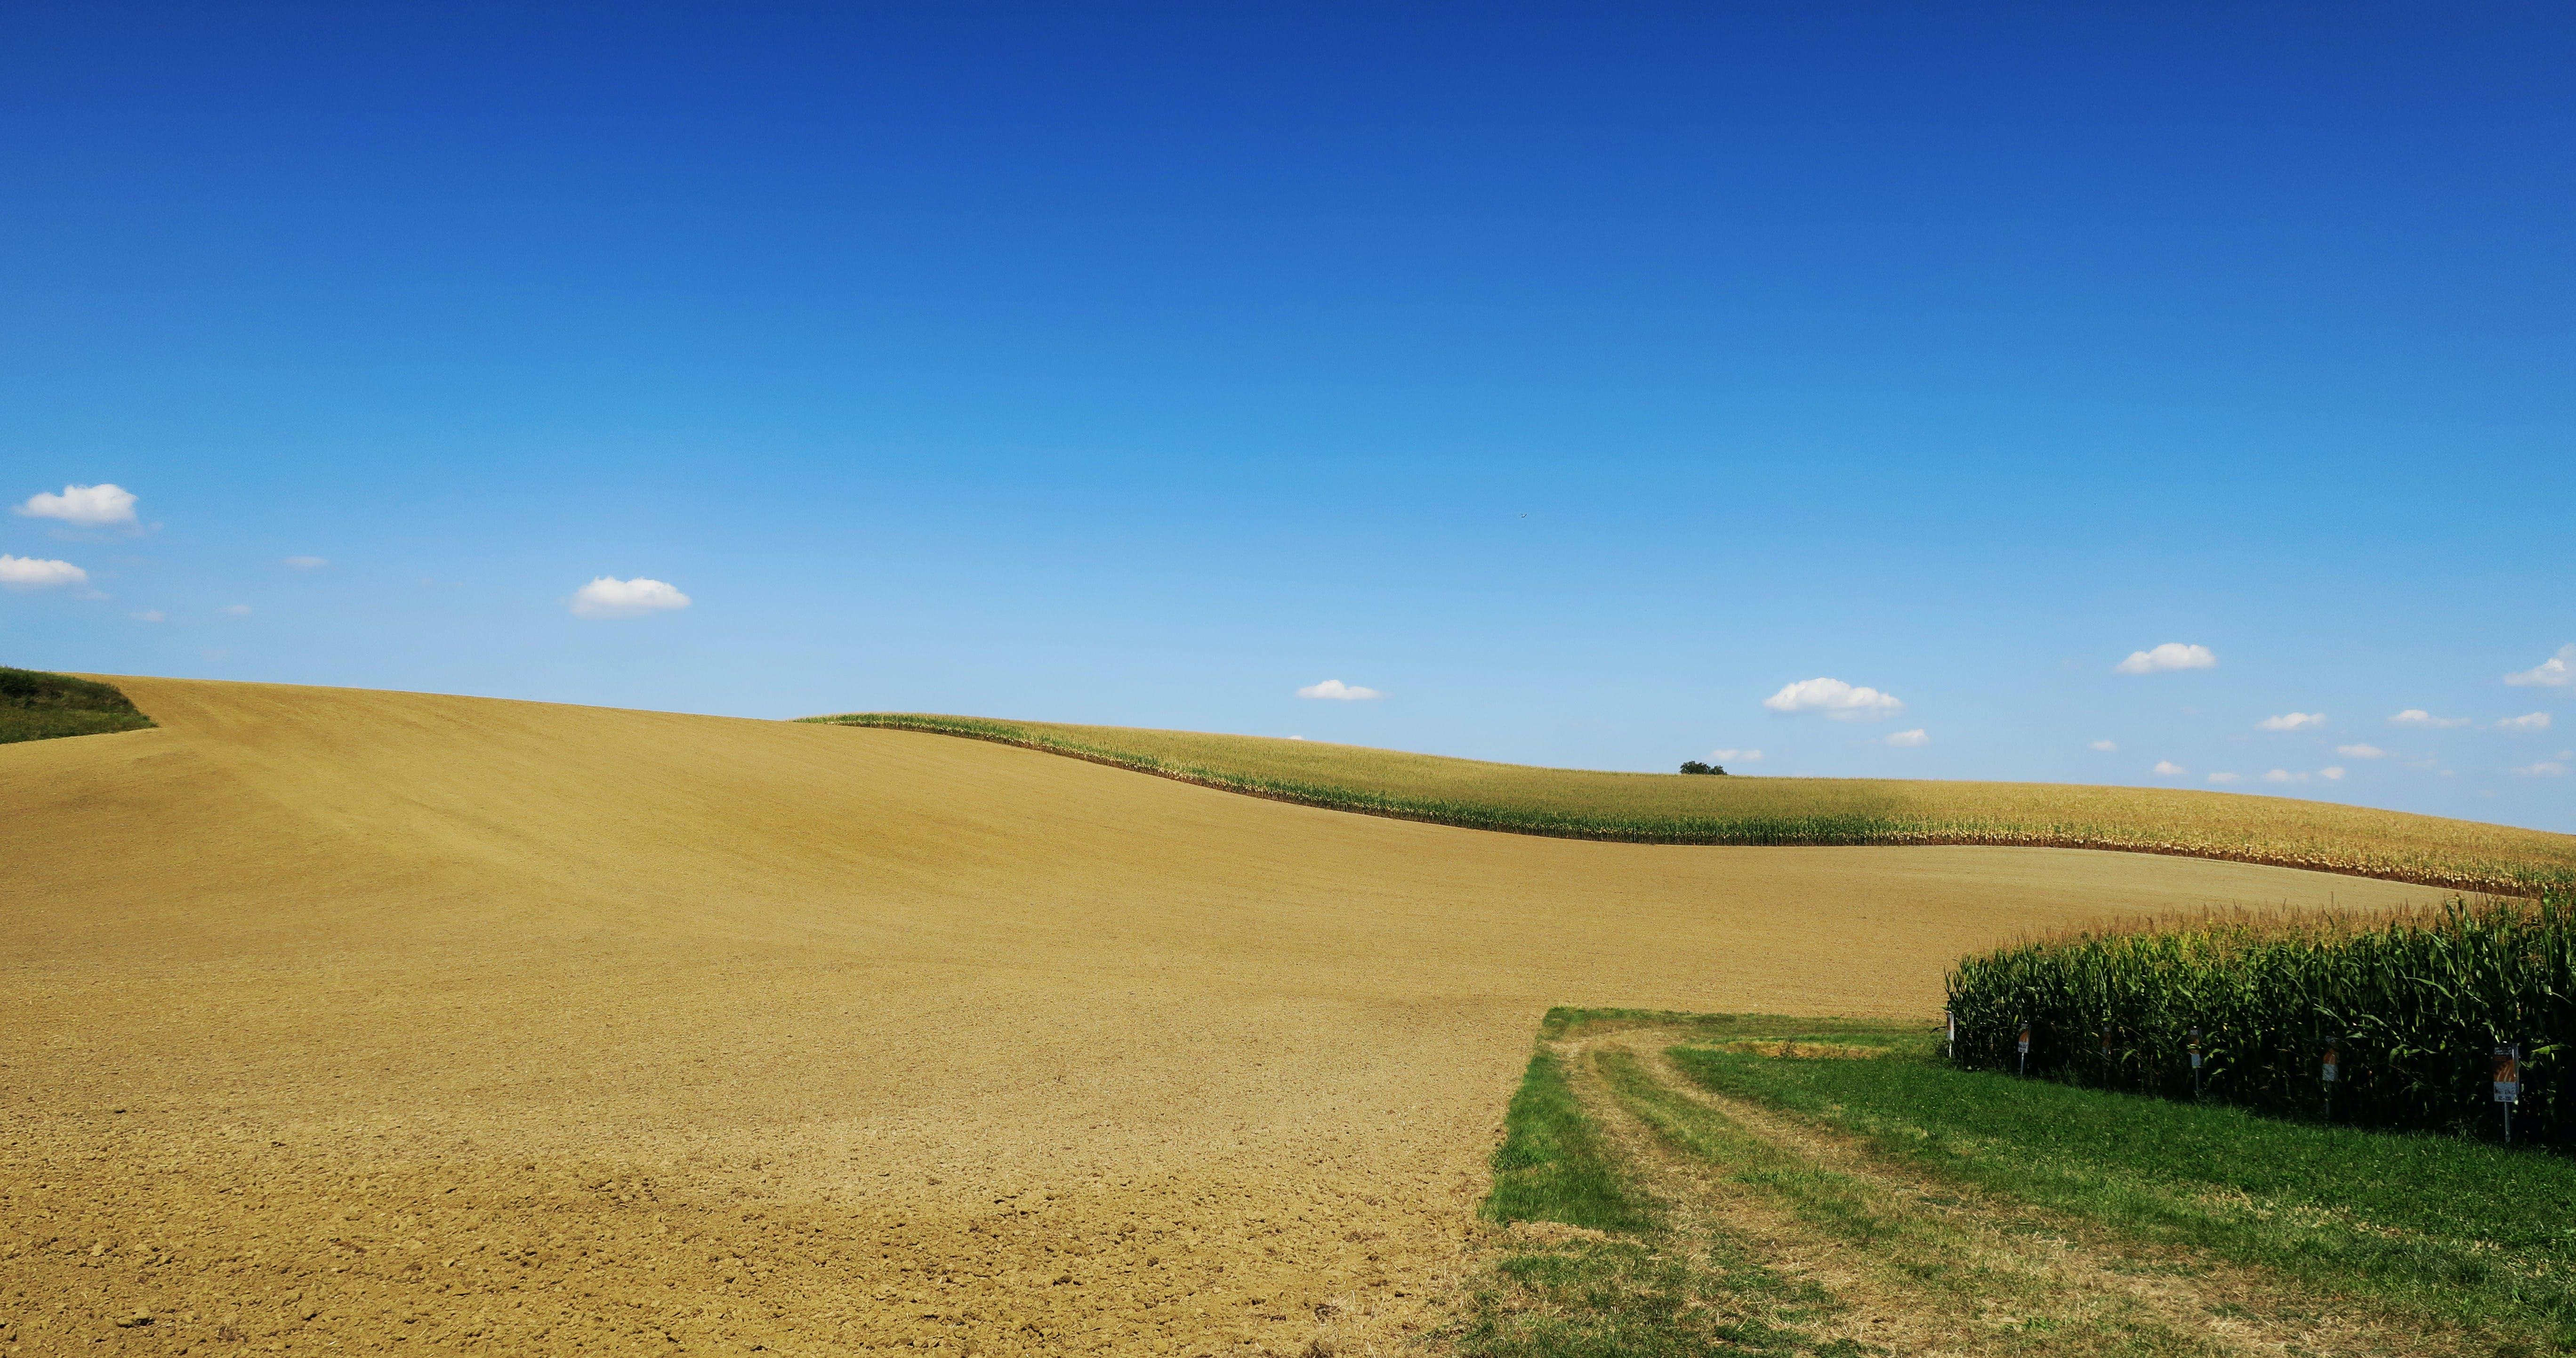 Fotos de stock gratuitas de azul, campo, cielo azul, dice adiós